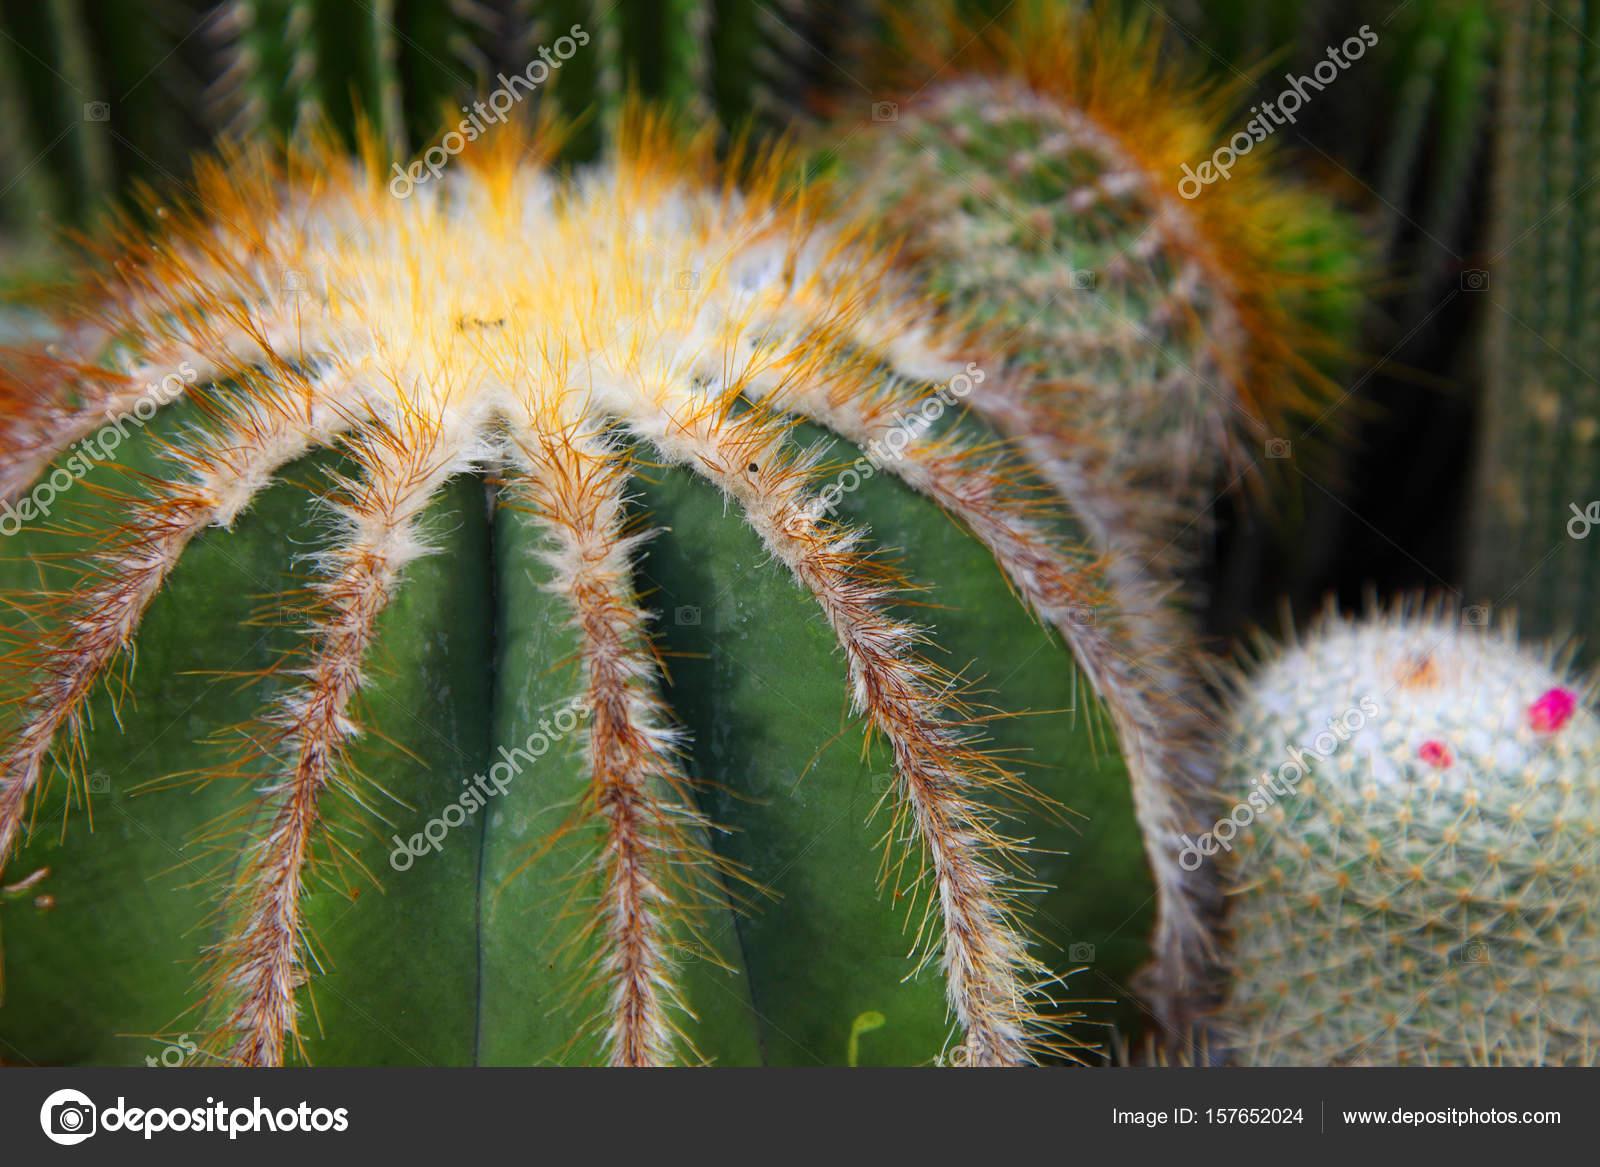 Cactus seco con agujas Fotos de Stock topphoto 157652024